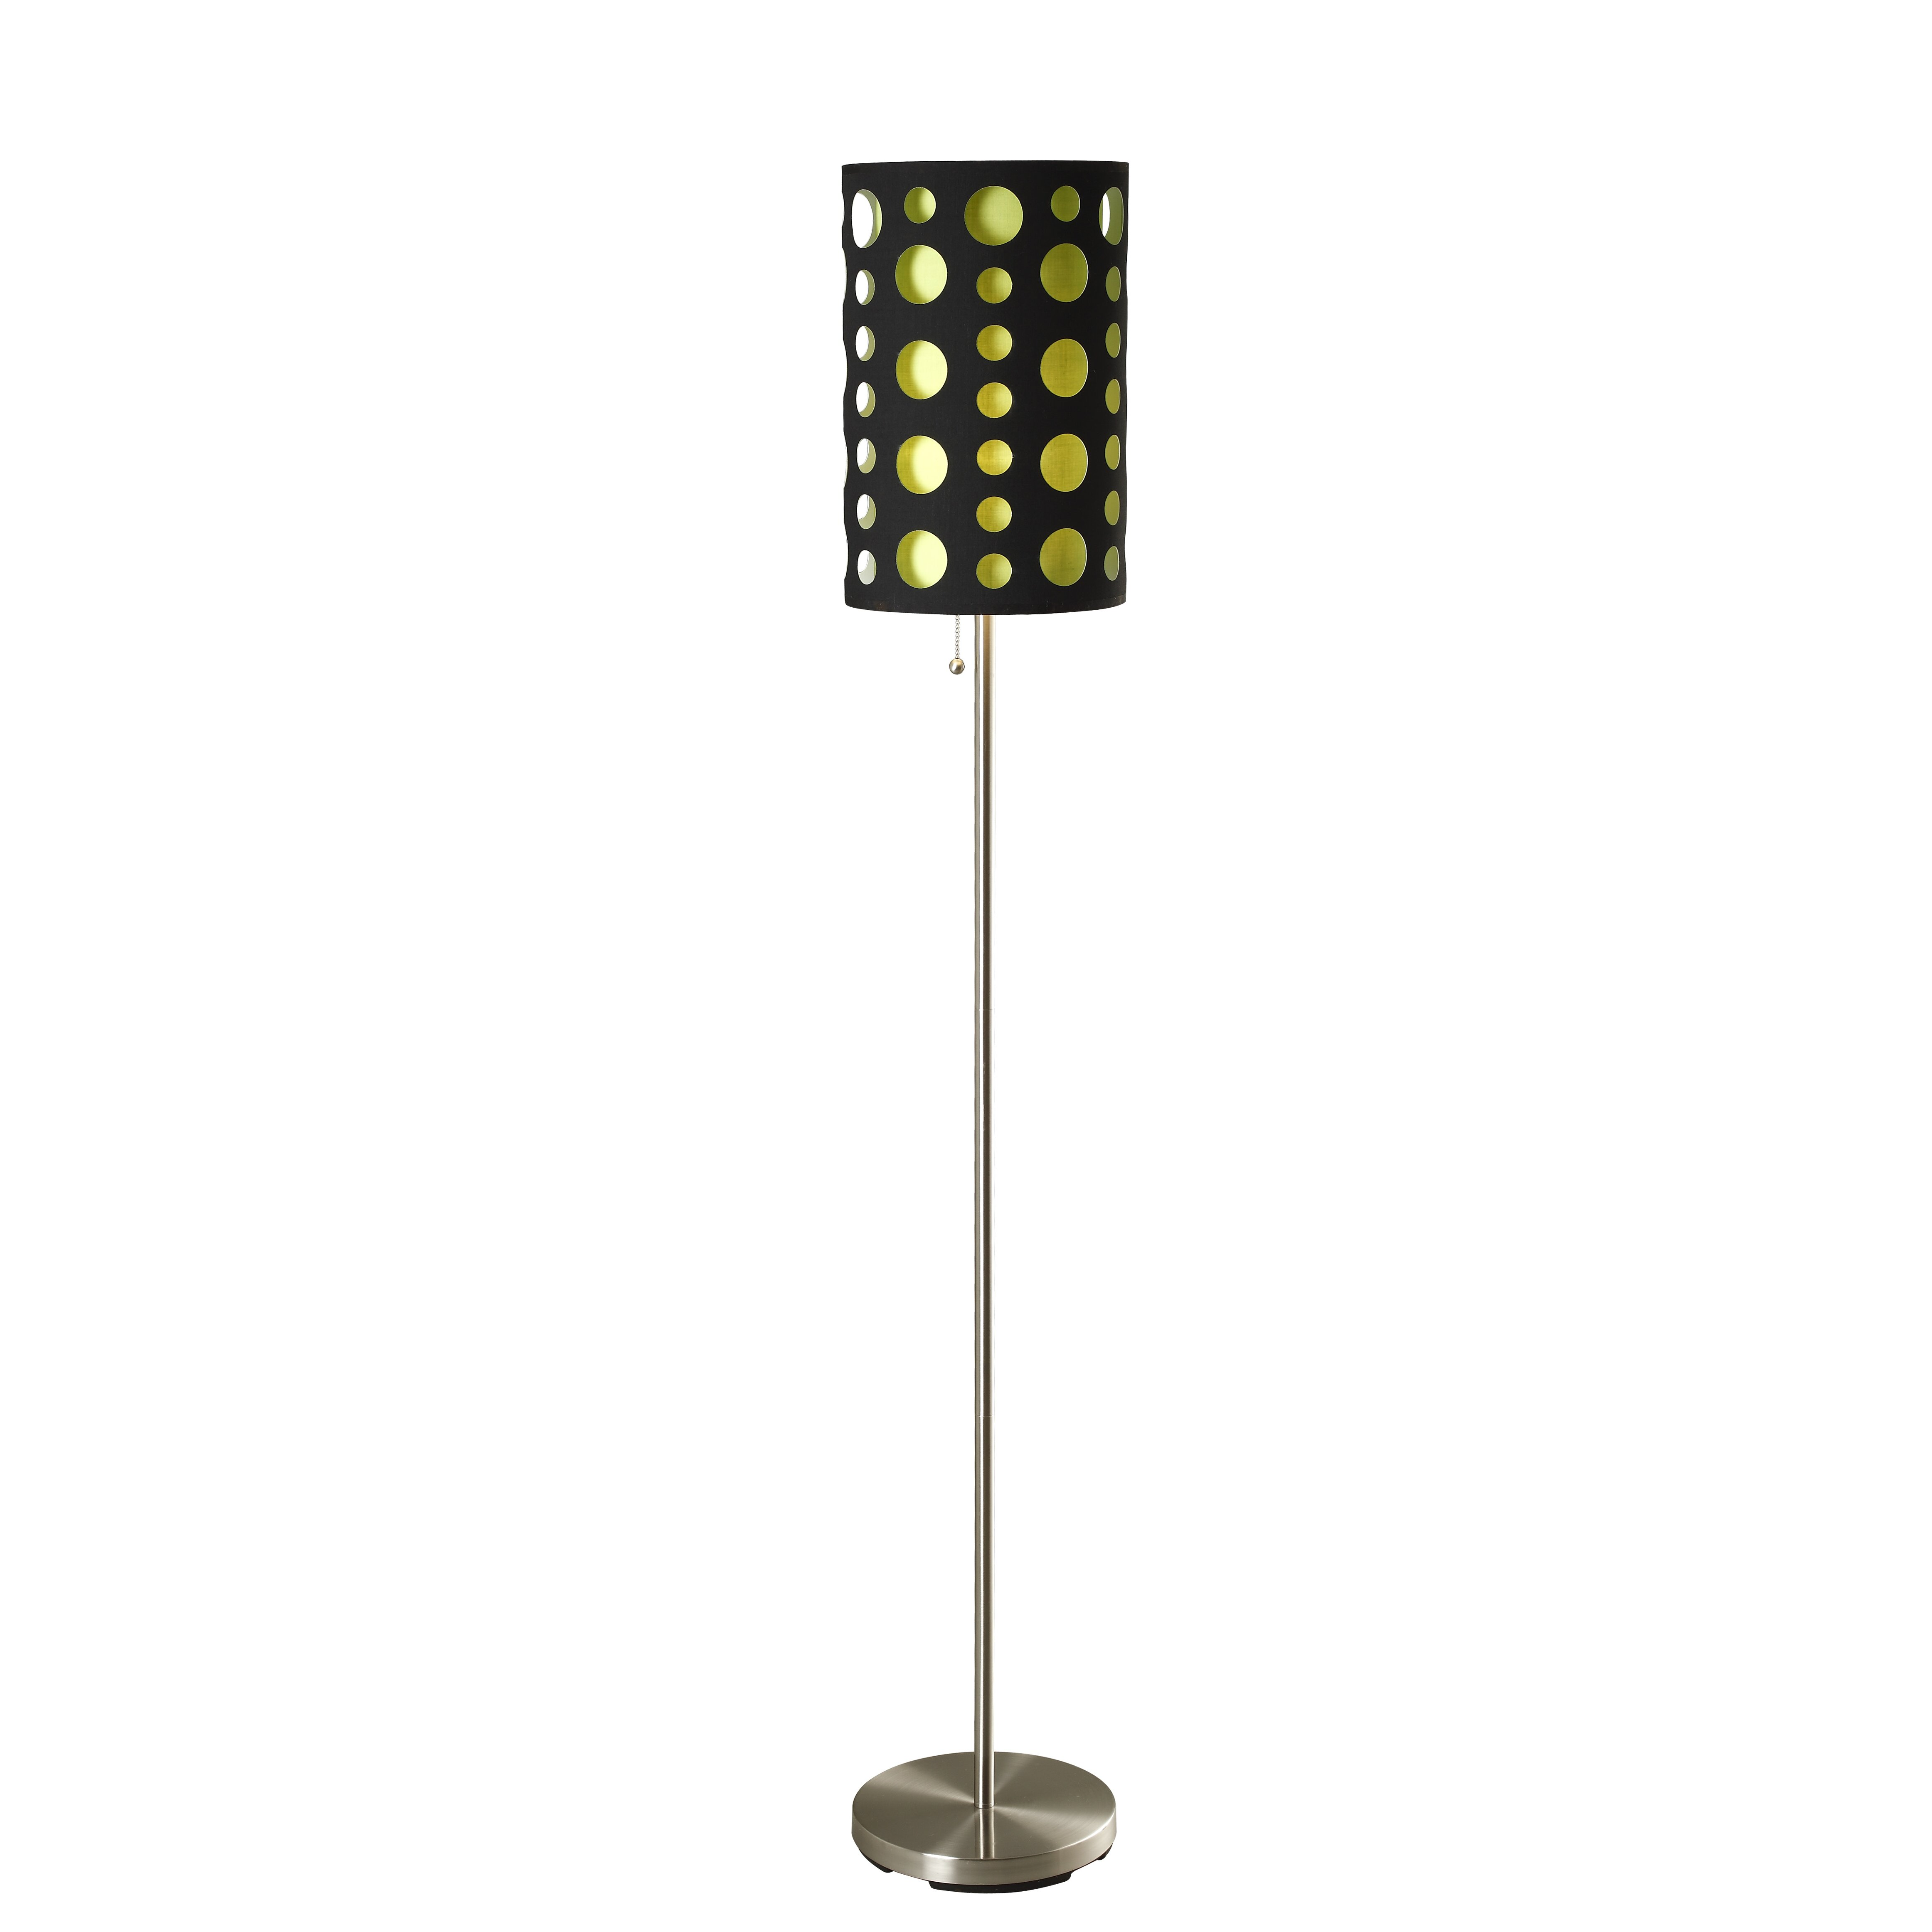 Ore furniture retro 66quot floor lamp reviews wayfair for Retro floor lamp sydney